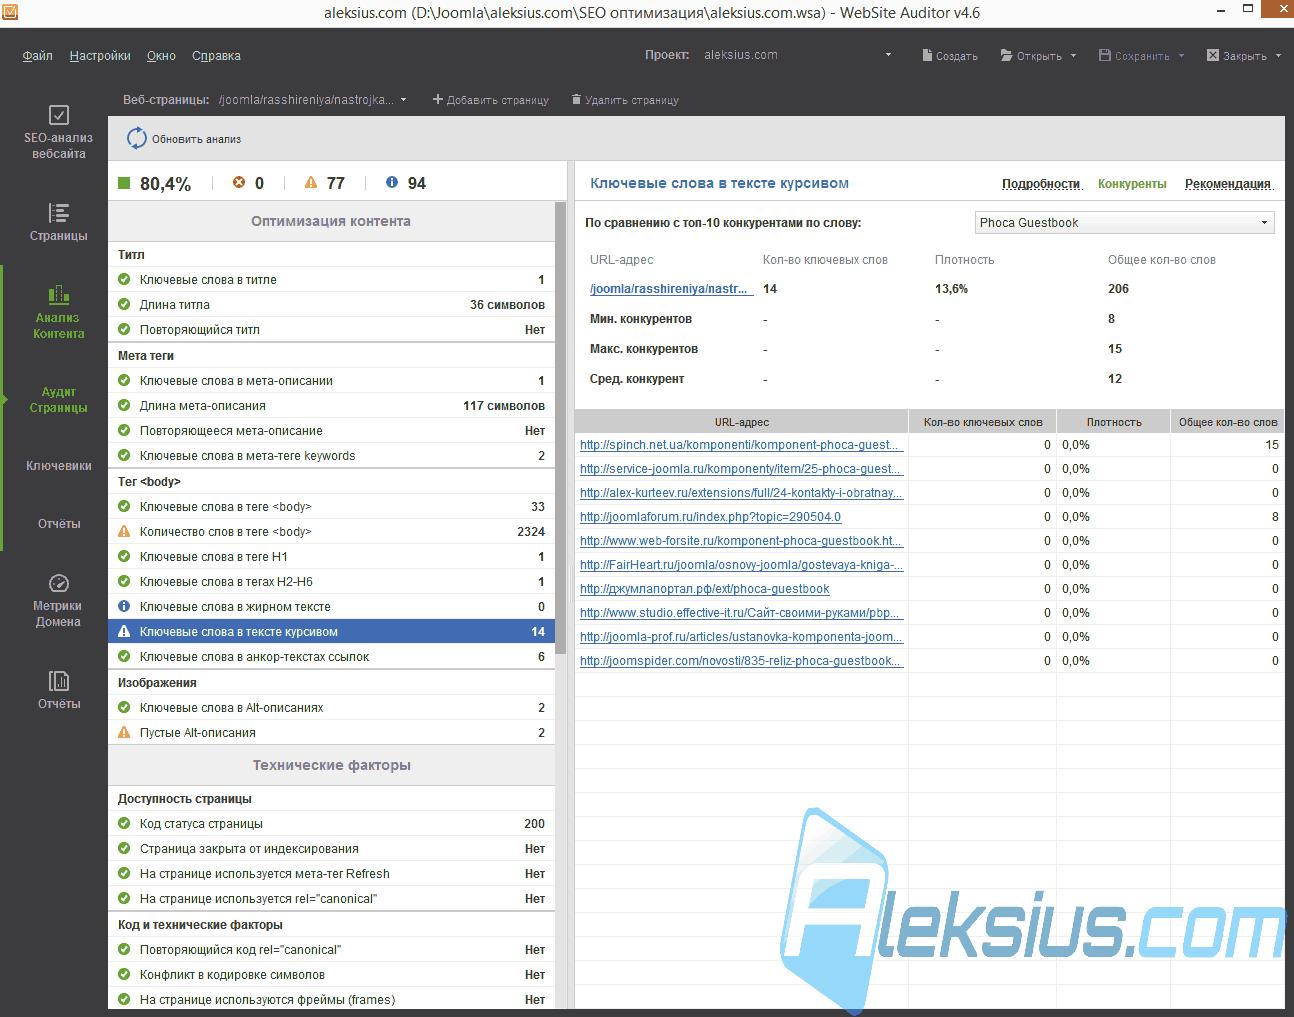 Анализ контента корпоративного сайта